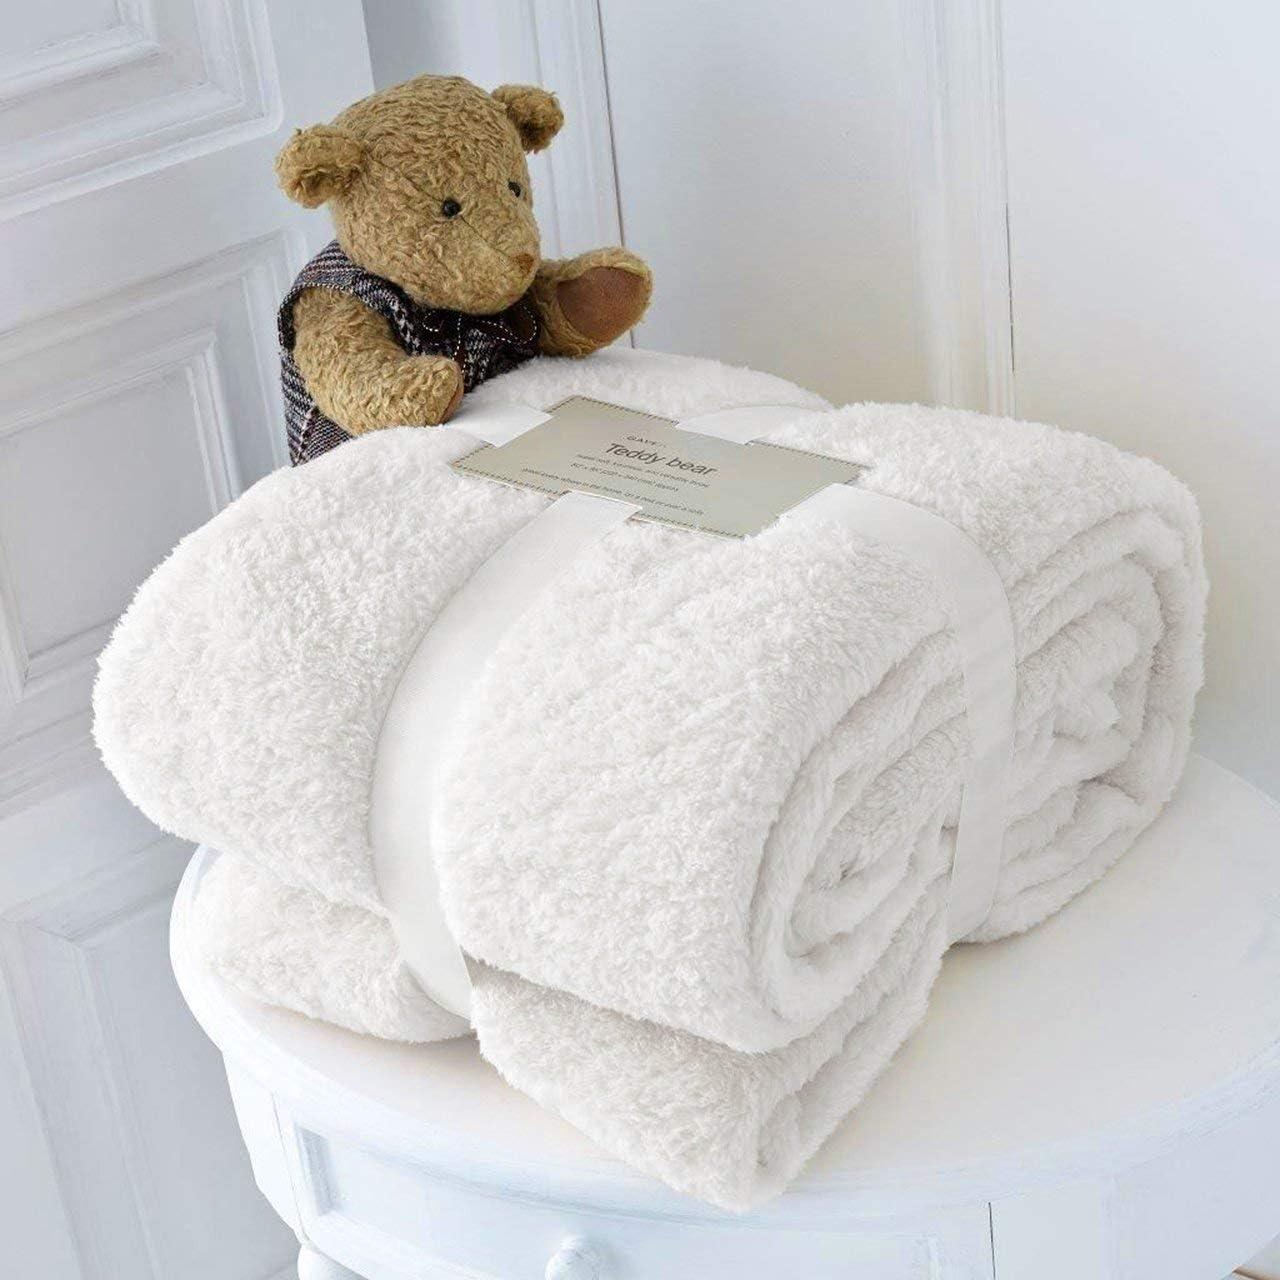 Teddy Bear Fleece Blanket BLUSH PINK Duvet Bedspread cuddly soft Bed Sofa Warm